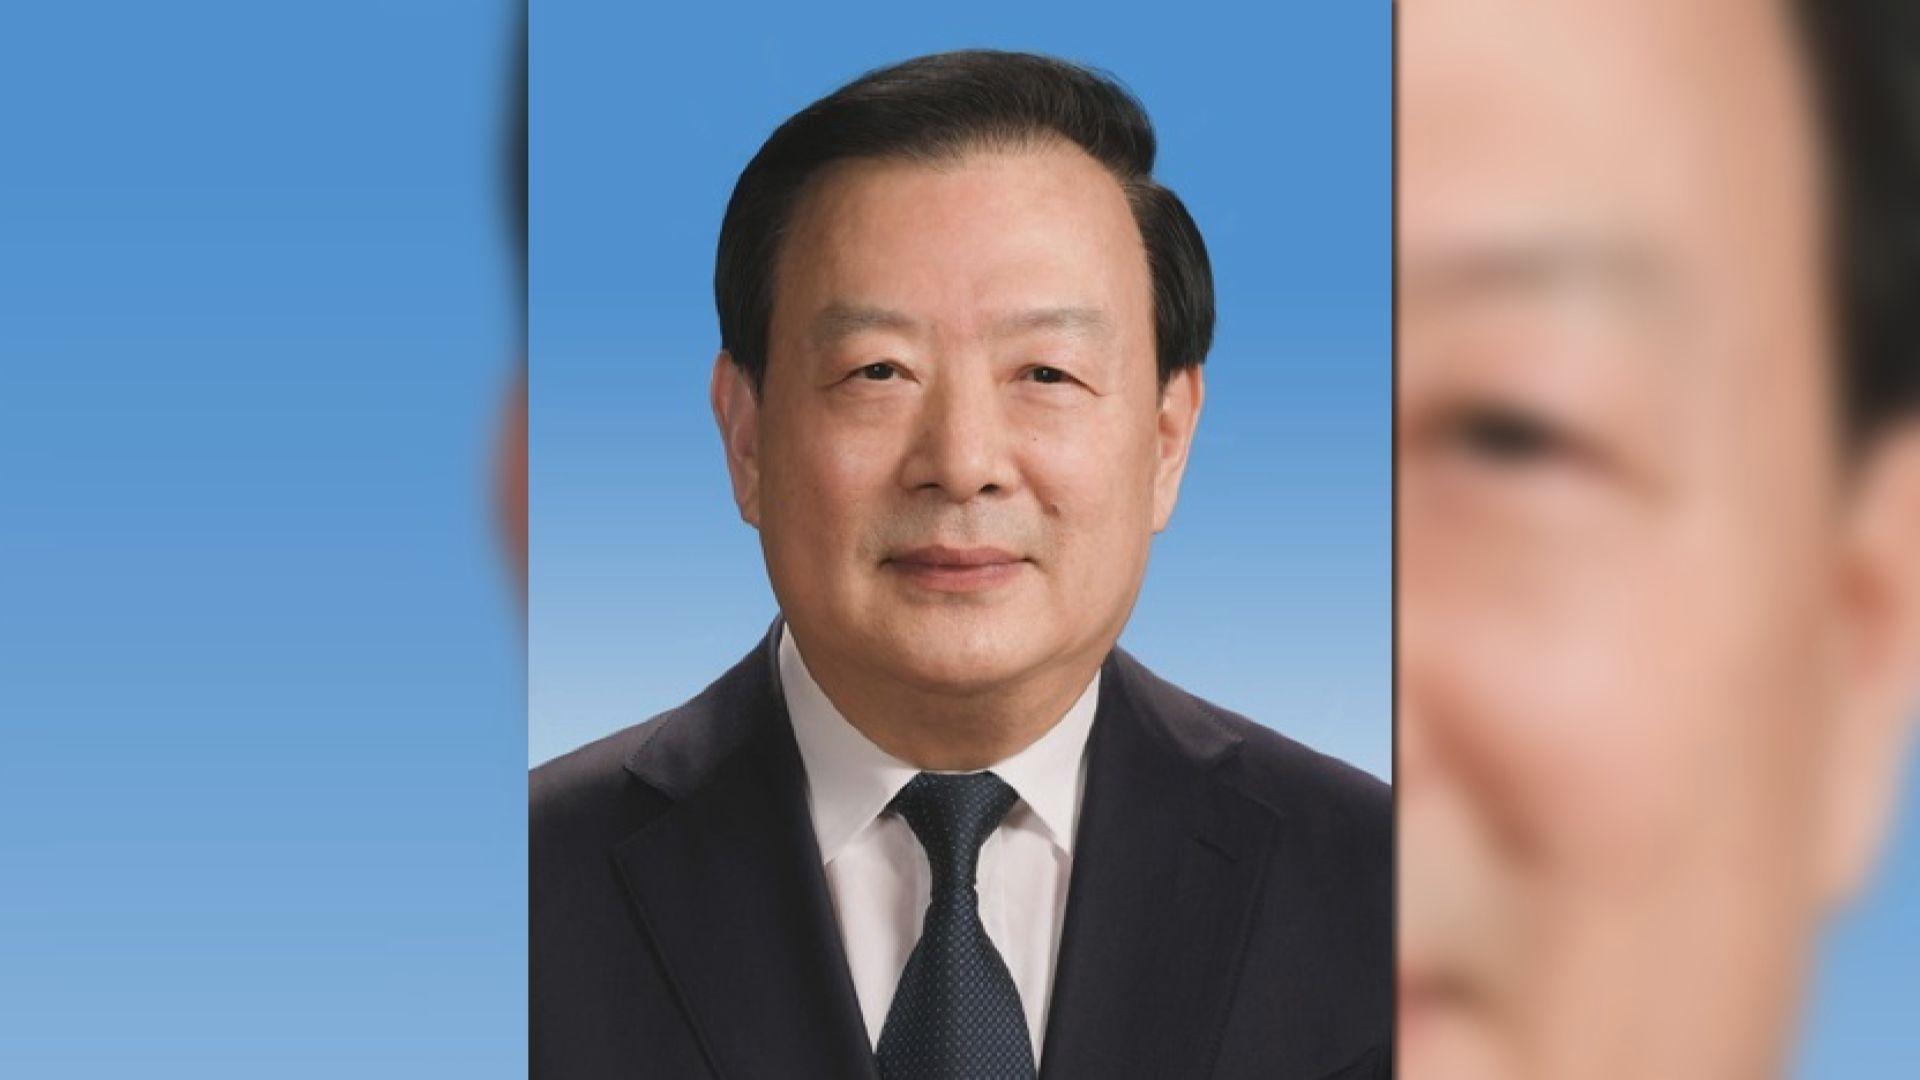 夏寶龍接任港澳辦主任 曾任浙江領導發動拆十字架